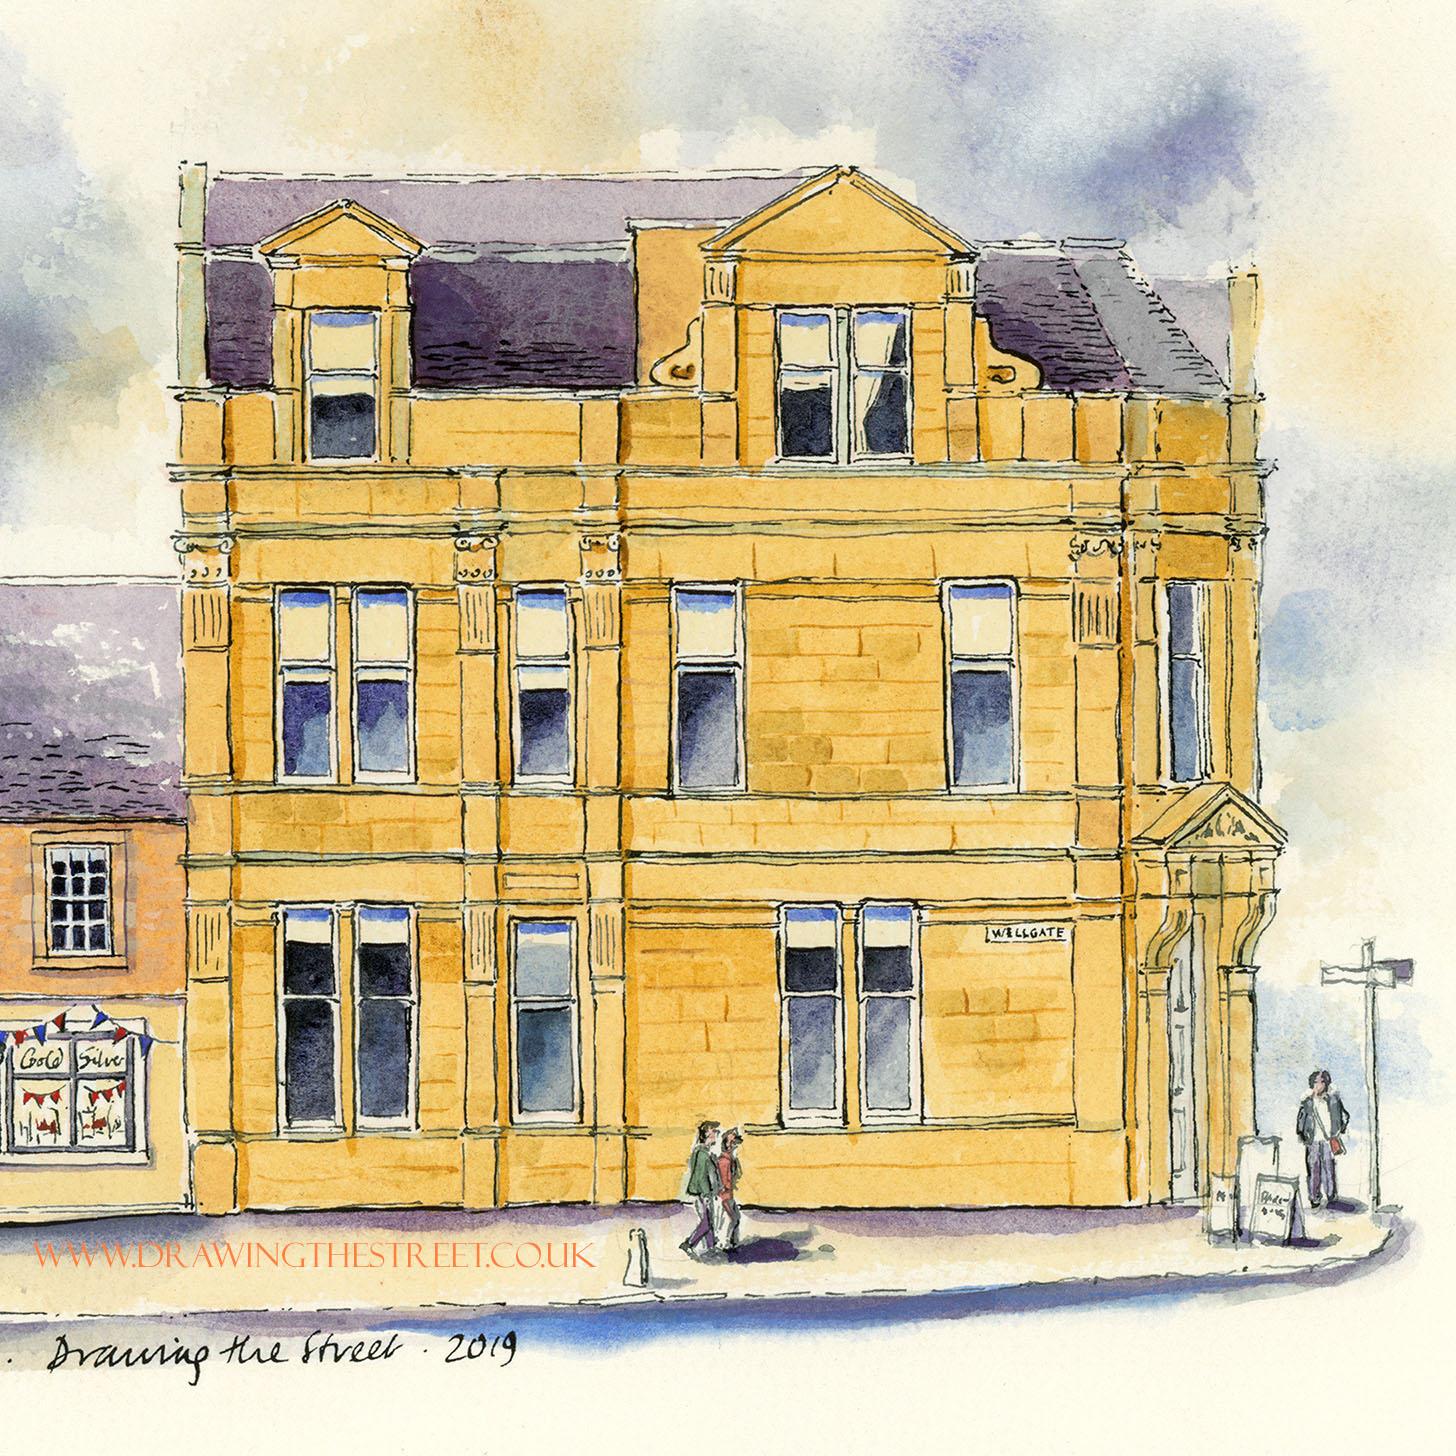 ashlar stone building on wellgate drawn by ronnie cruwys